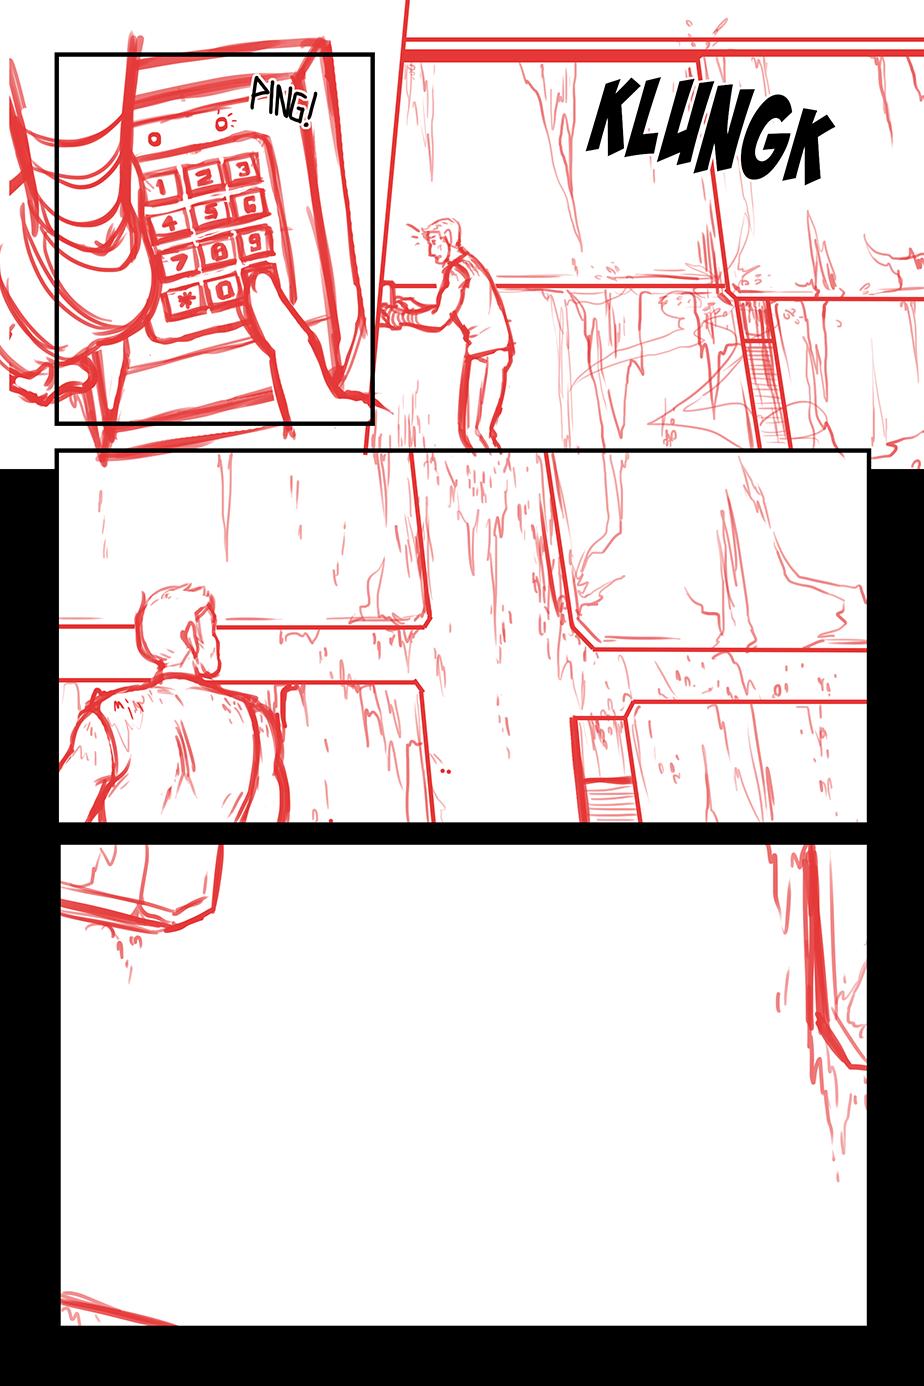 Page 49 pencils